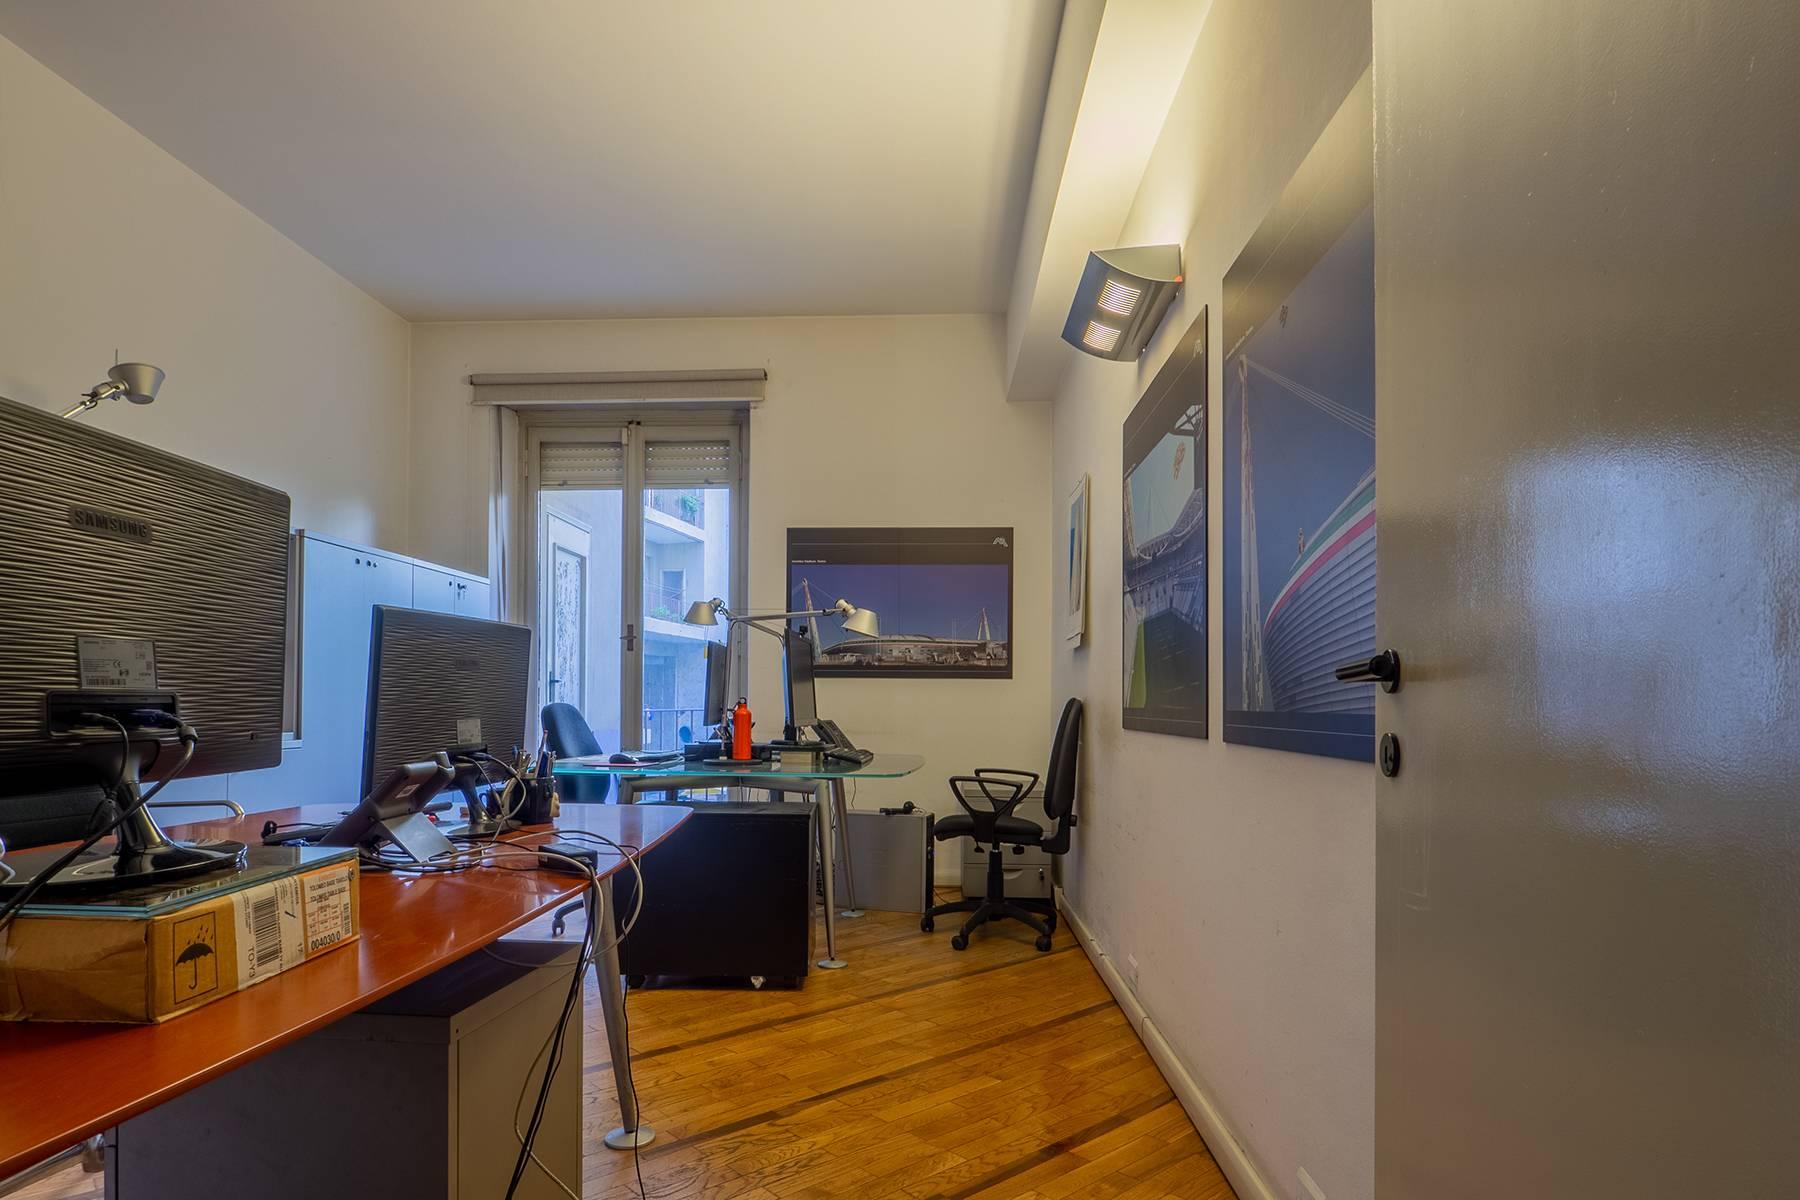 Ufficio-studio in Vendita a Torino: 2 locali, 89 mq - Foto 17